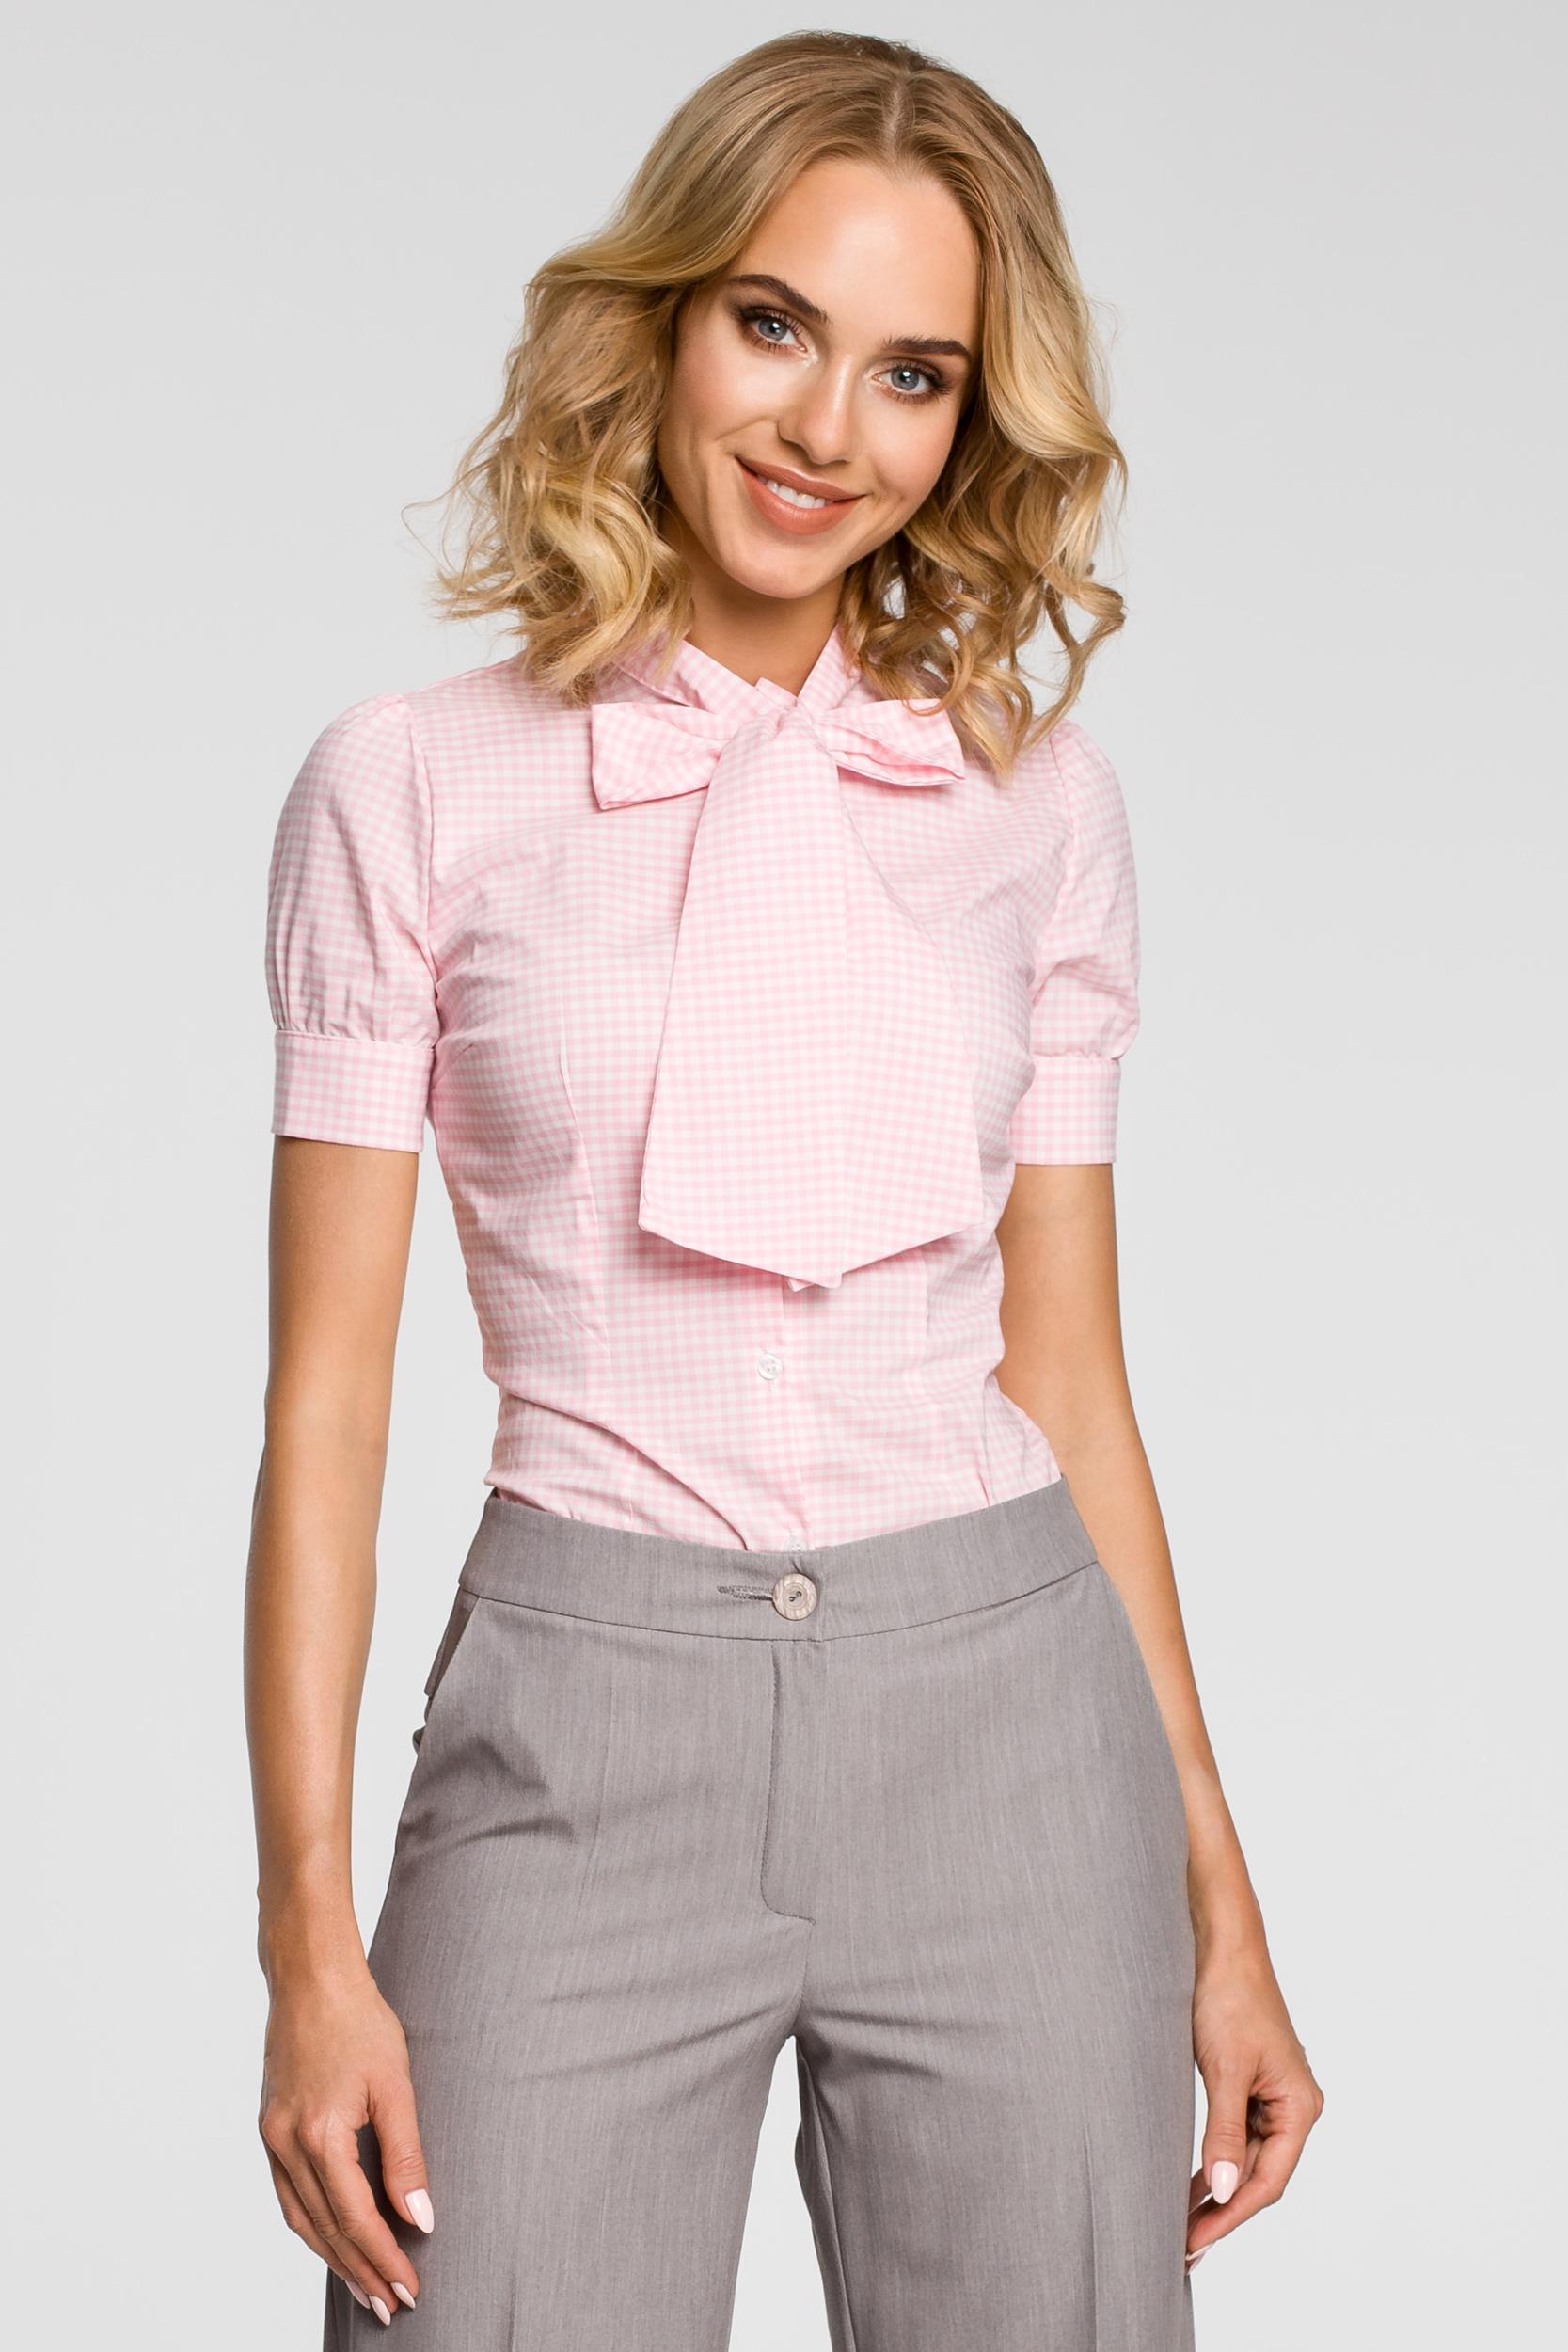 e82657b8d4b9bd CM0786 Koszula damska w kratkę z kokardą i krótkim rękawem - różowa ...